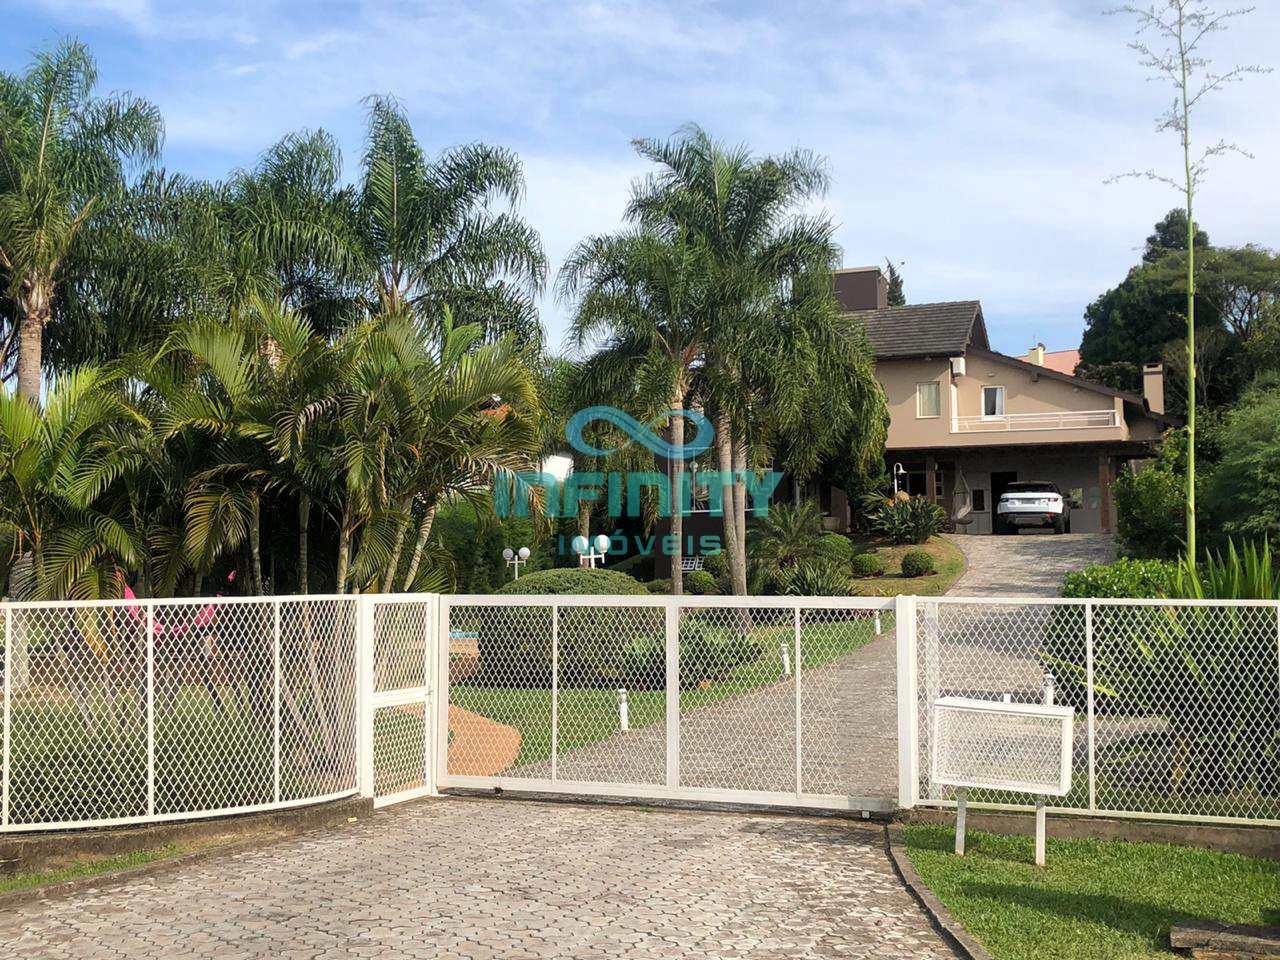 Casa de Condomínio com 3 dorms, Paragem Verdes Campos, Gravataí - R$ 1.5 mi, Cod: 68